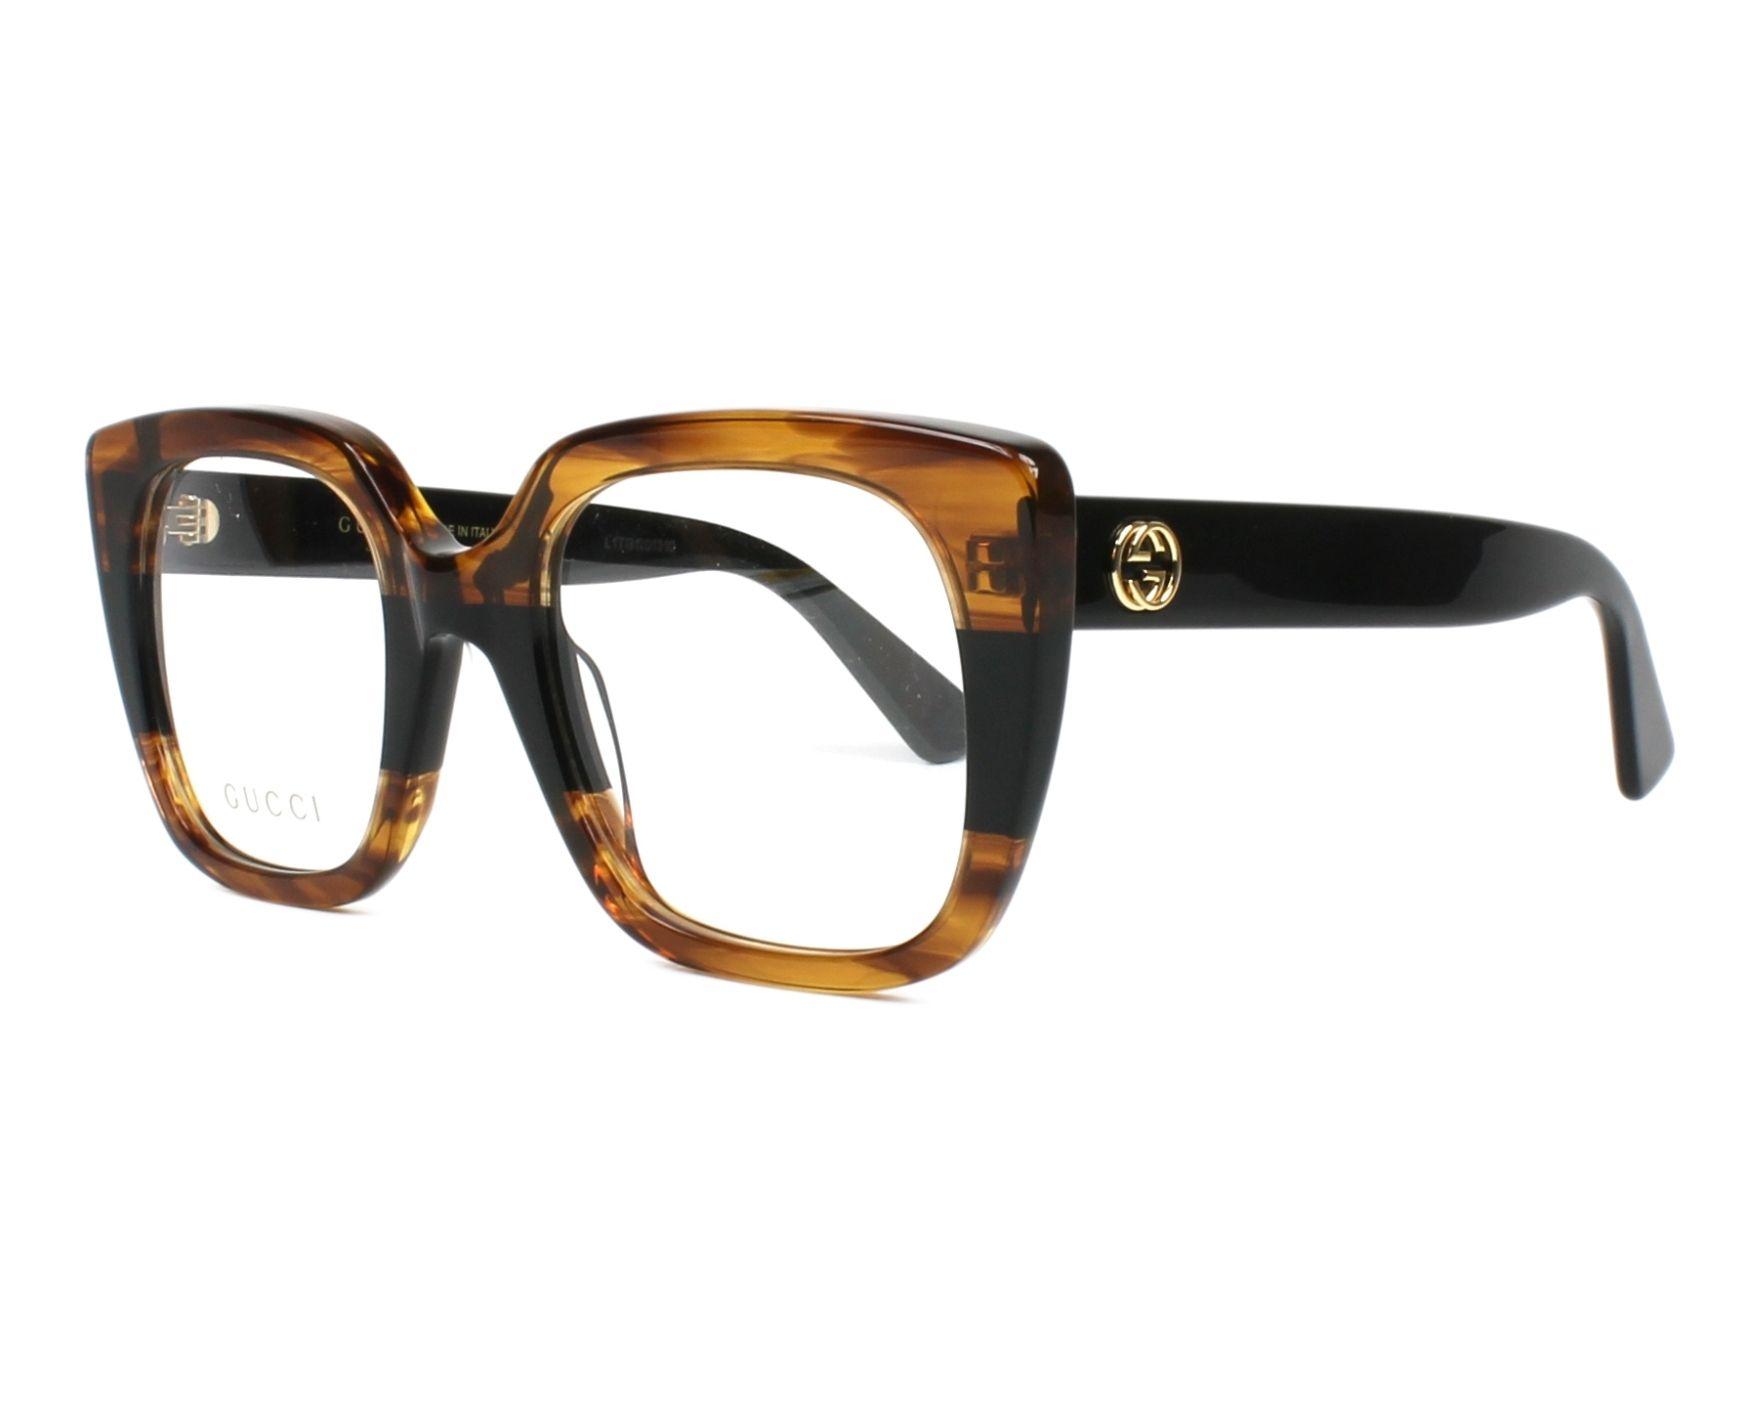 3e676048c3 Acheter des Lunettes de Vue Gucci GG-0180-O 004 - Visionet